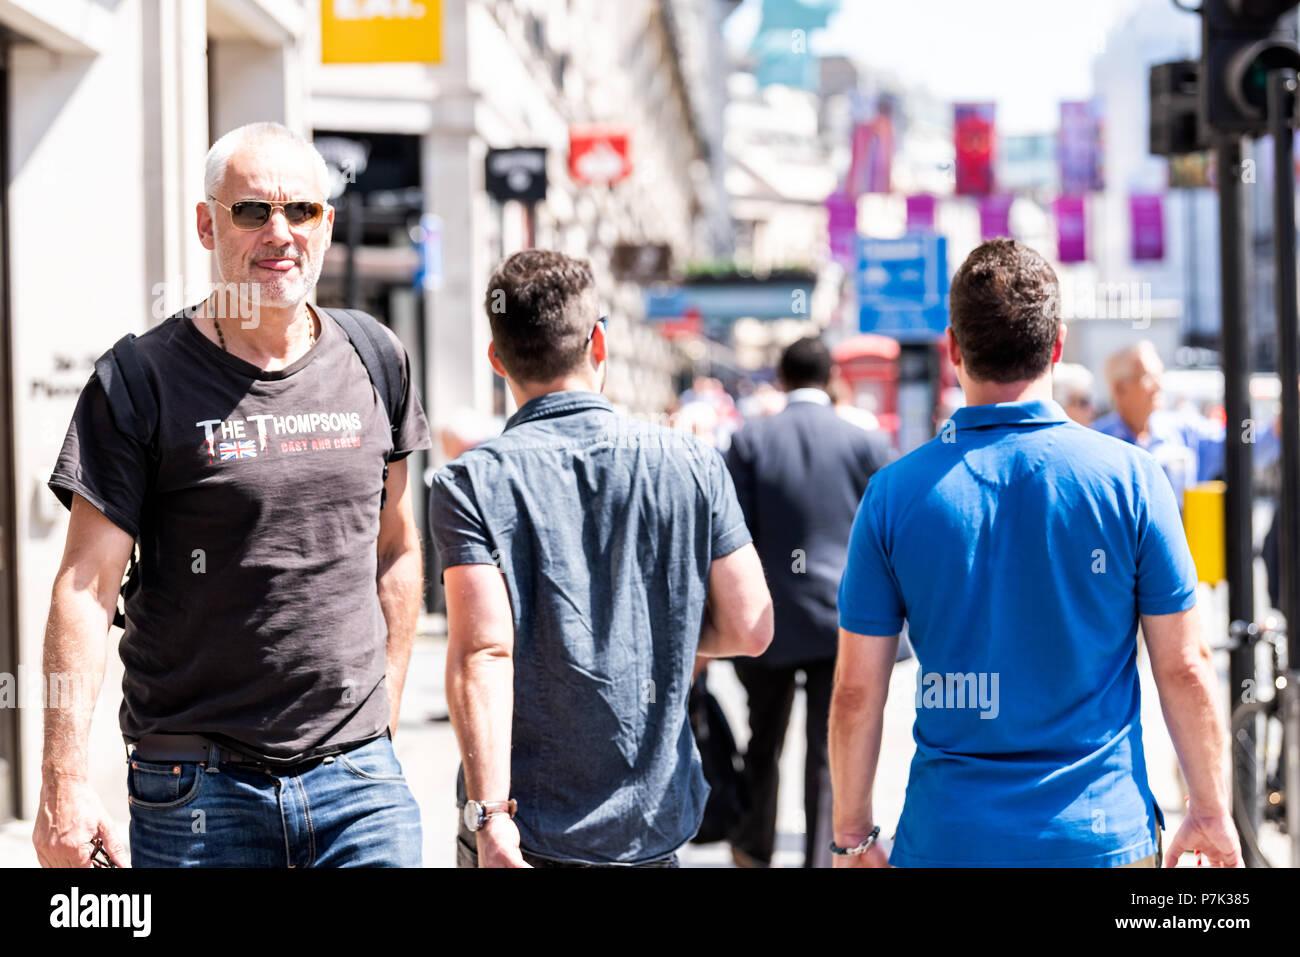 Londres, Reino Unido - Junio 22, 2018: Multitud de muchas personas hombre peatones caminando sobre Piccadilly acera de la calle en el centro de la ciudad, bandera de Inglaterra o Imagen De Stock